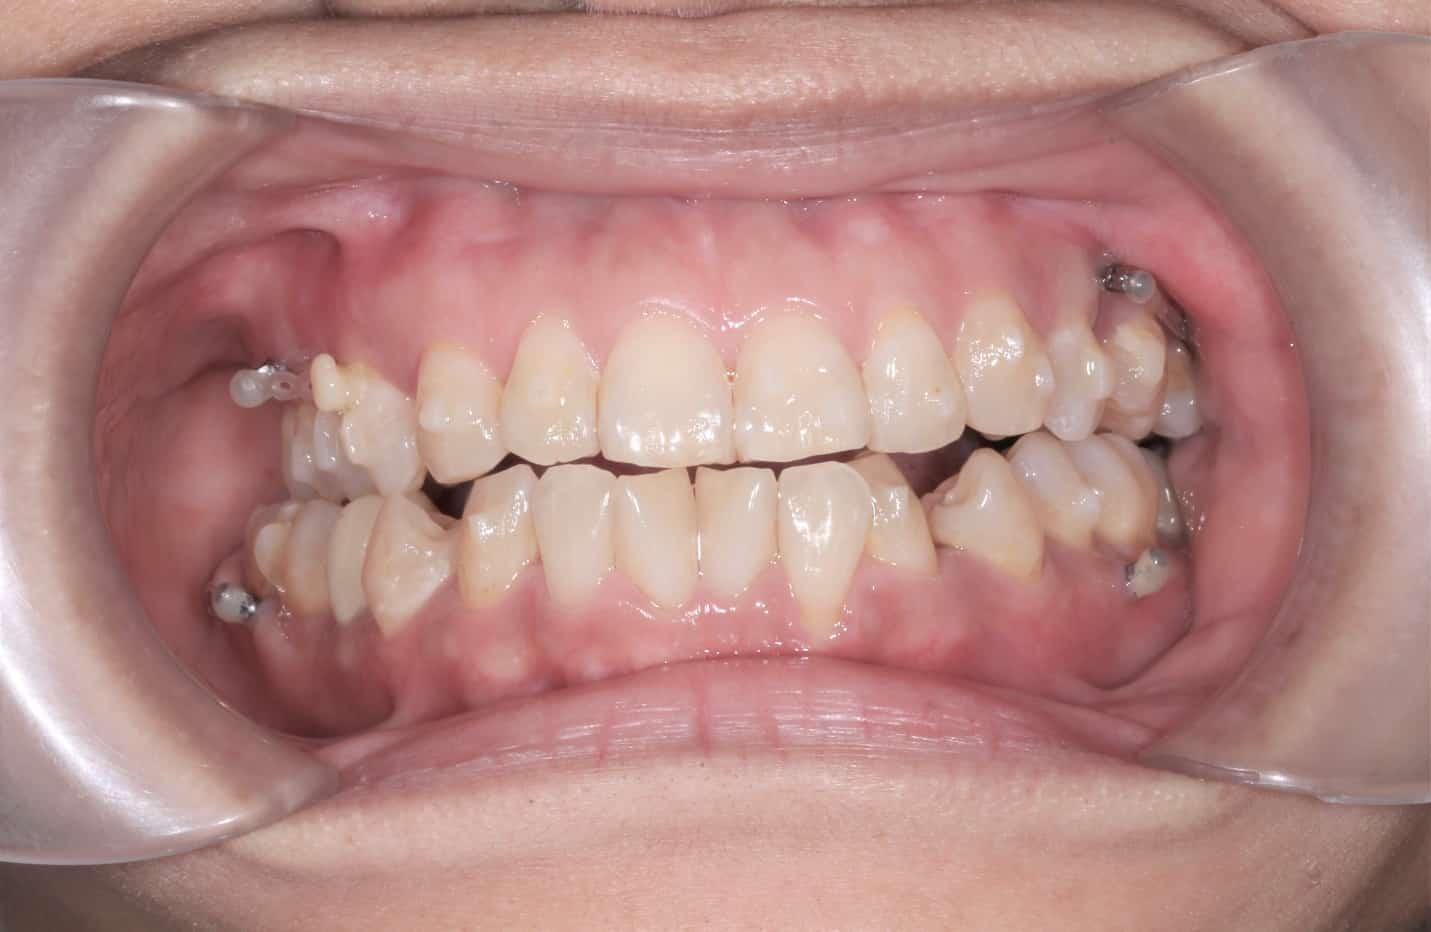 圖說:我目前上下左右都打了骨釘。可以明顯看出牙齒中線不對齊、下排牙齒亂、咬合不正的問題